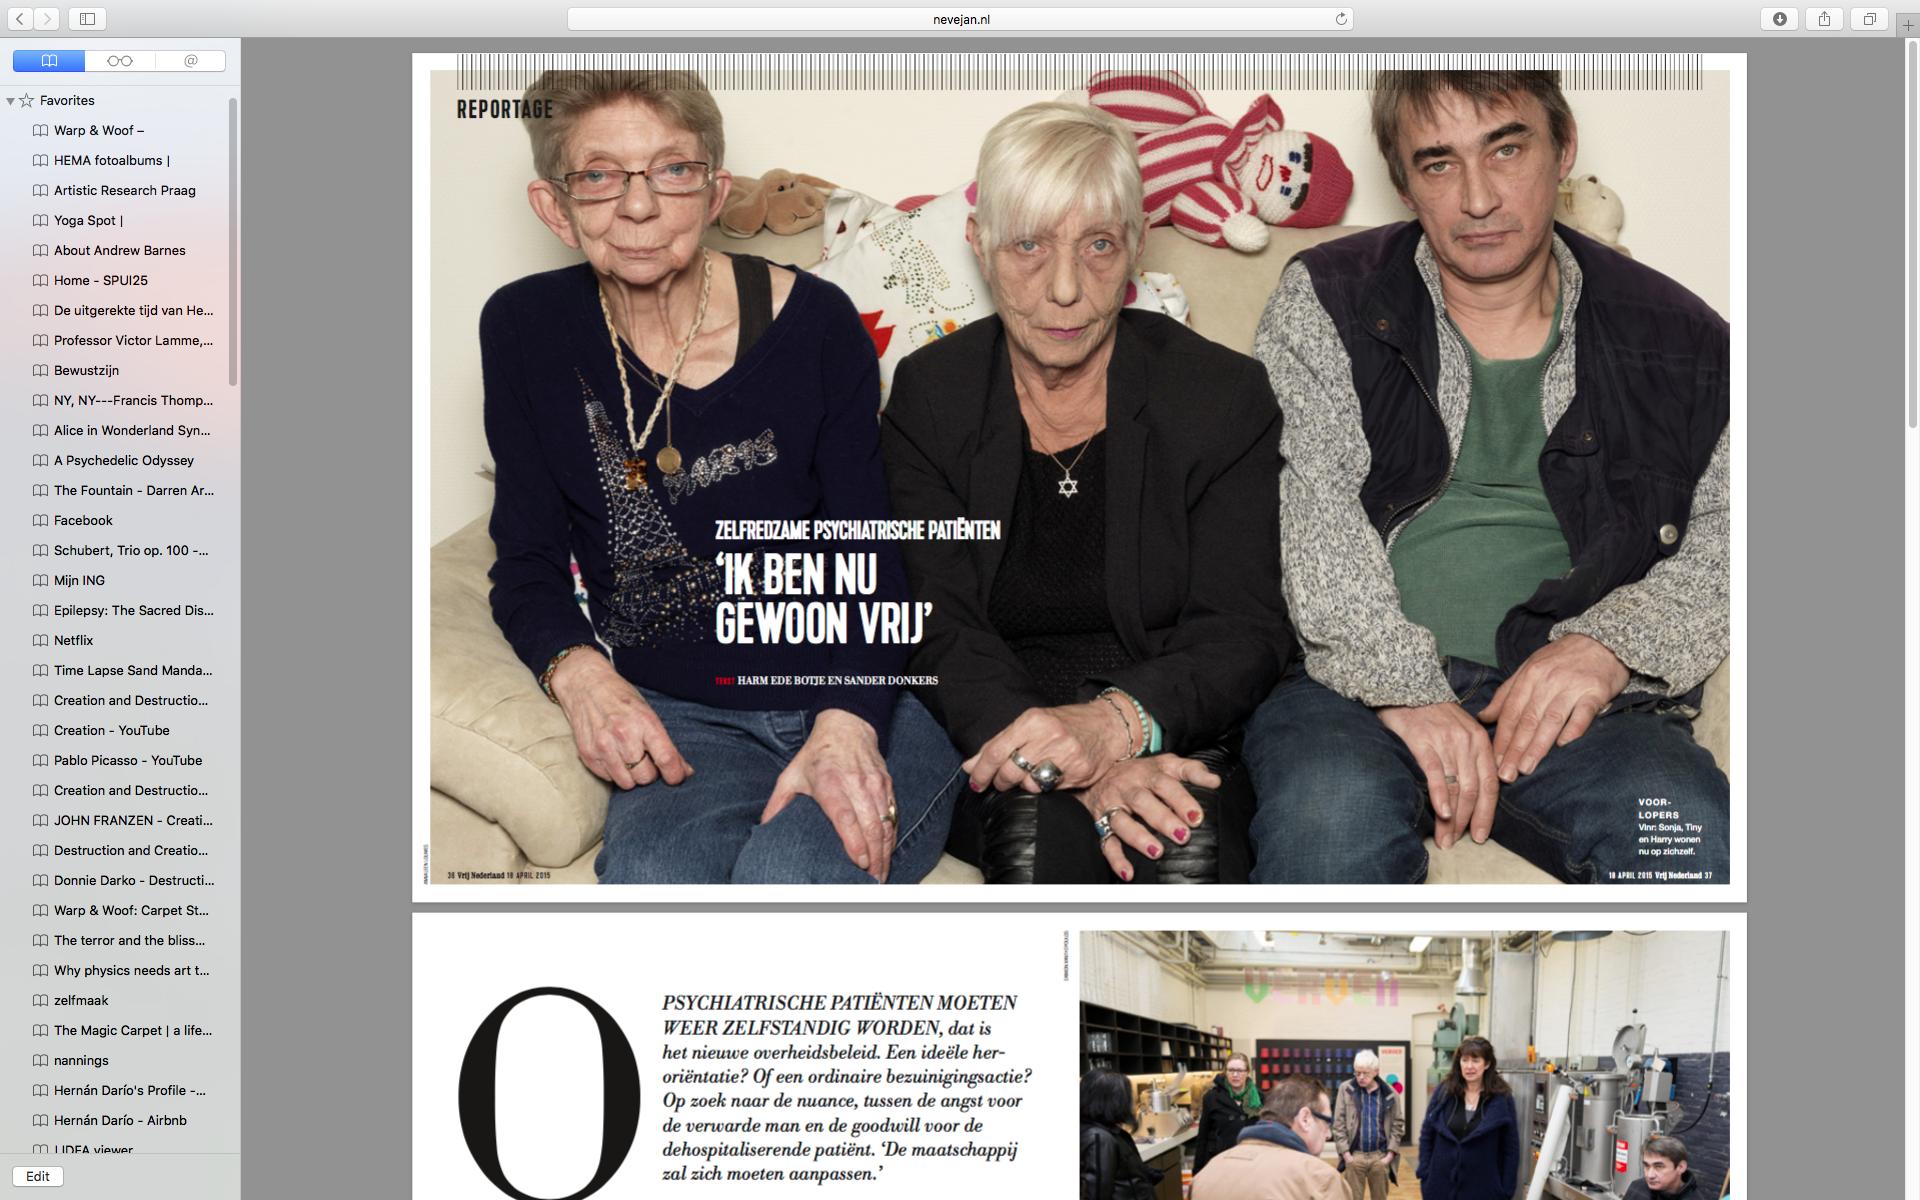 Zelfredzaamheid- (Vrij Nederland)